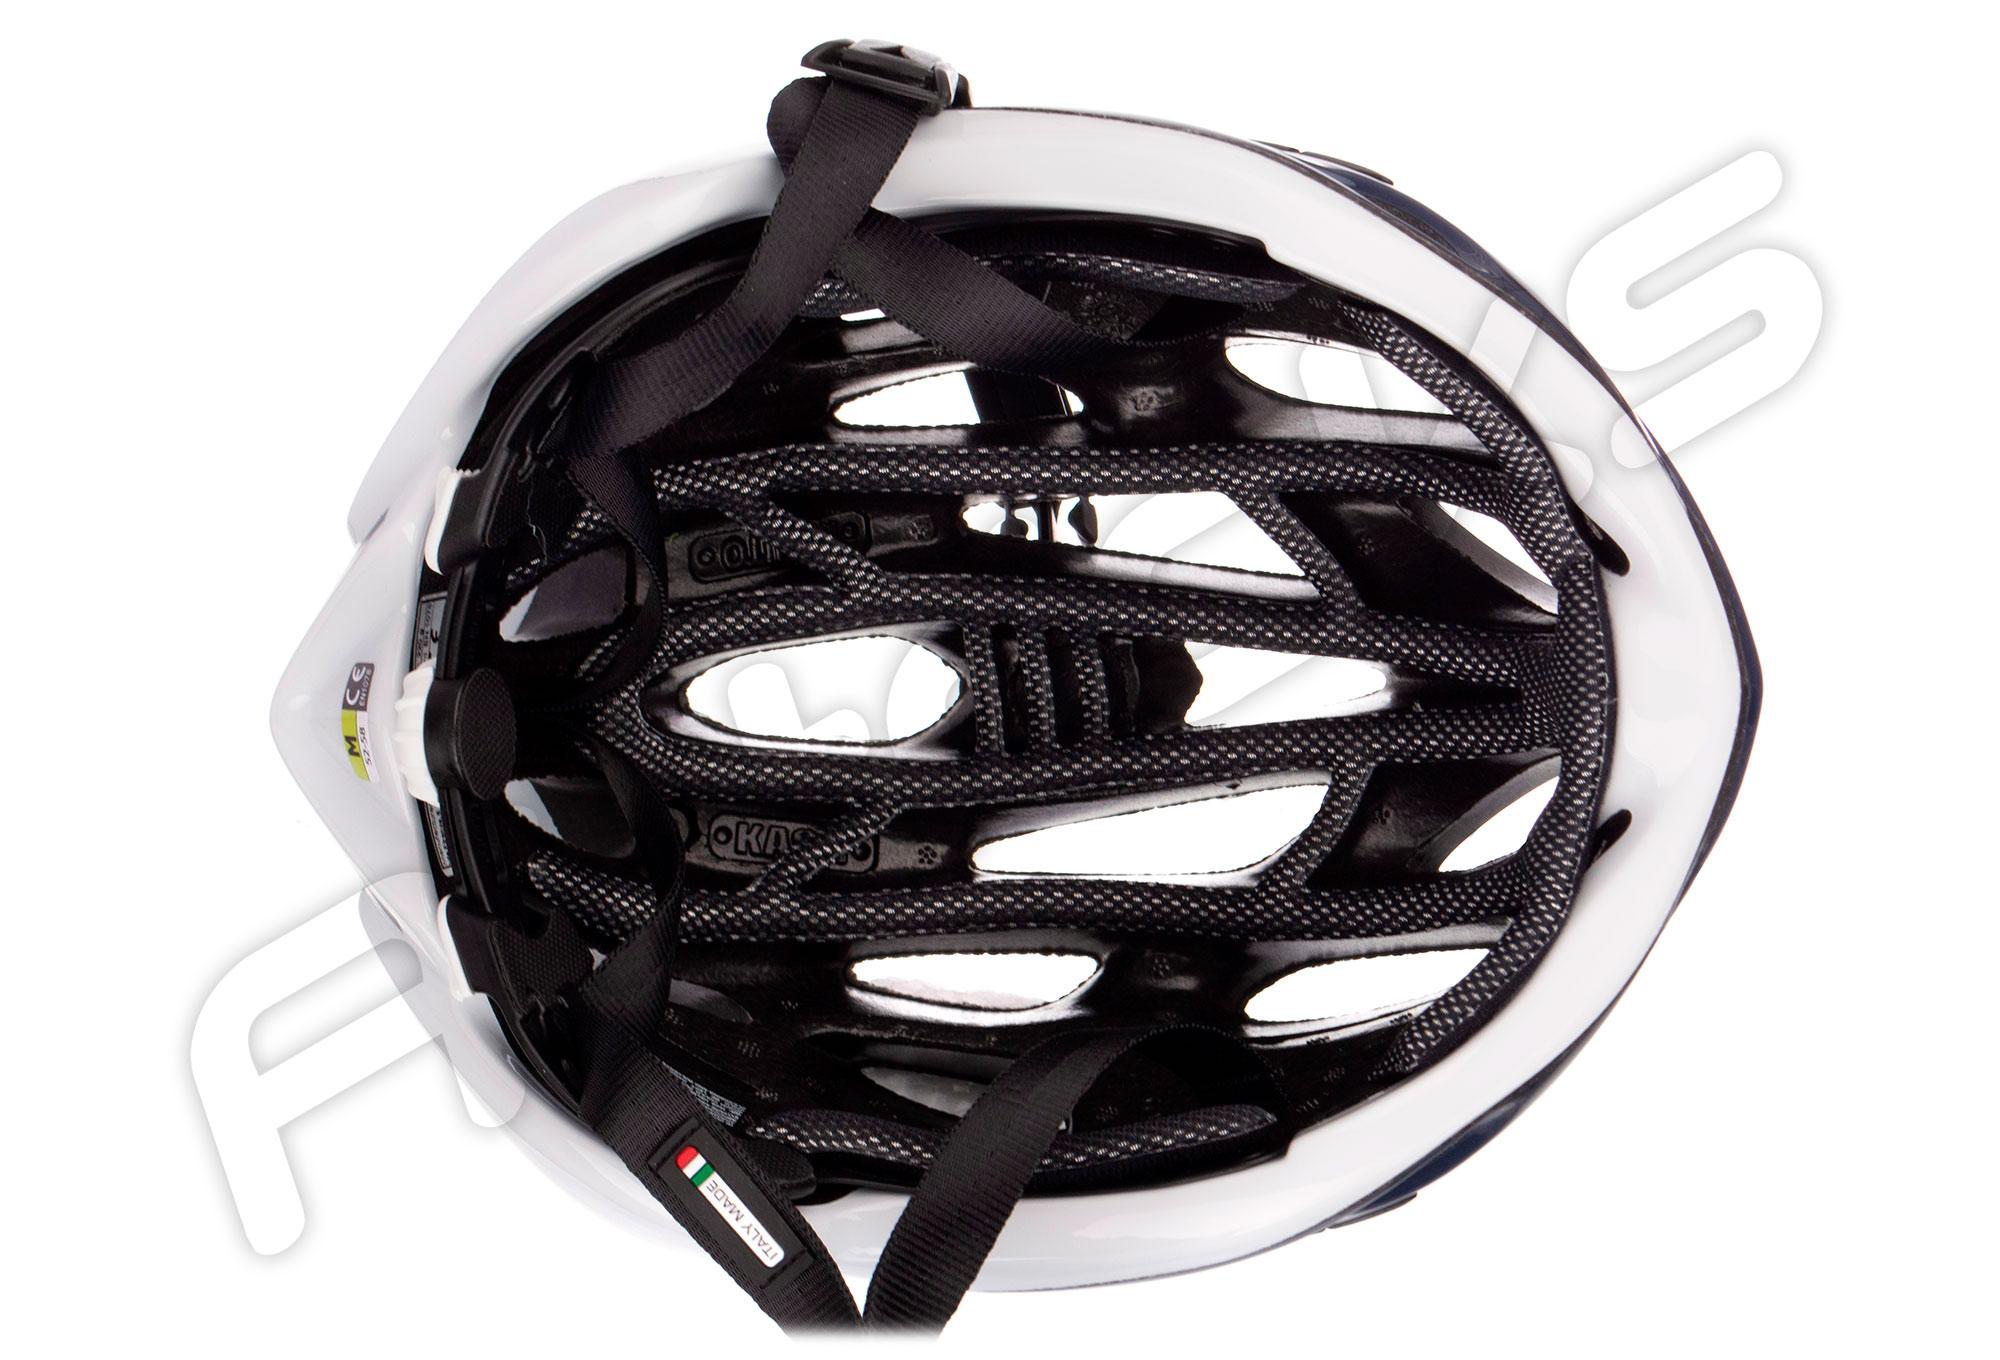 Bike équipement De Protection Chaînes Tailles Protection Fox Bleu Derrière Chain Protection